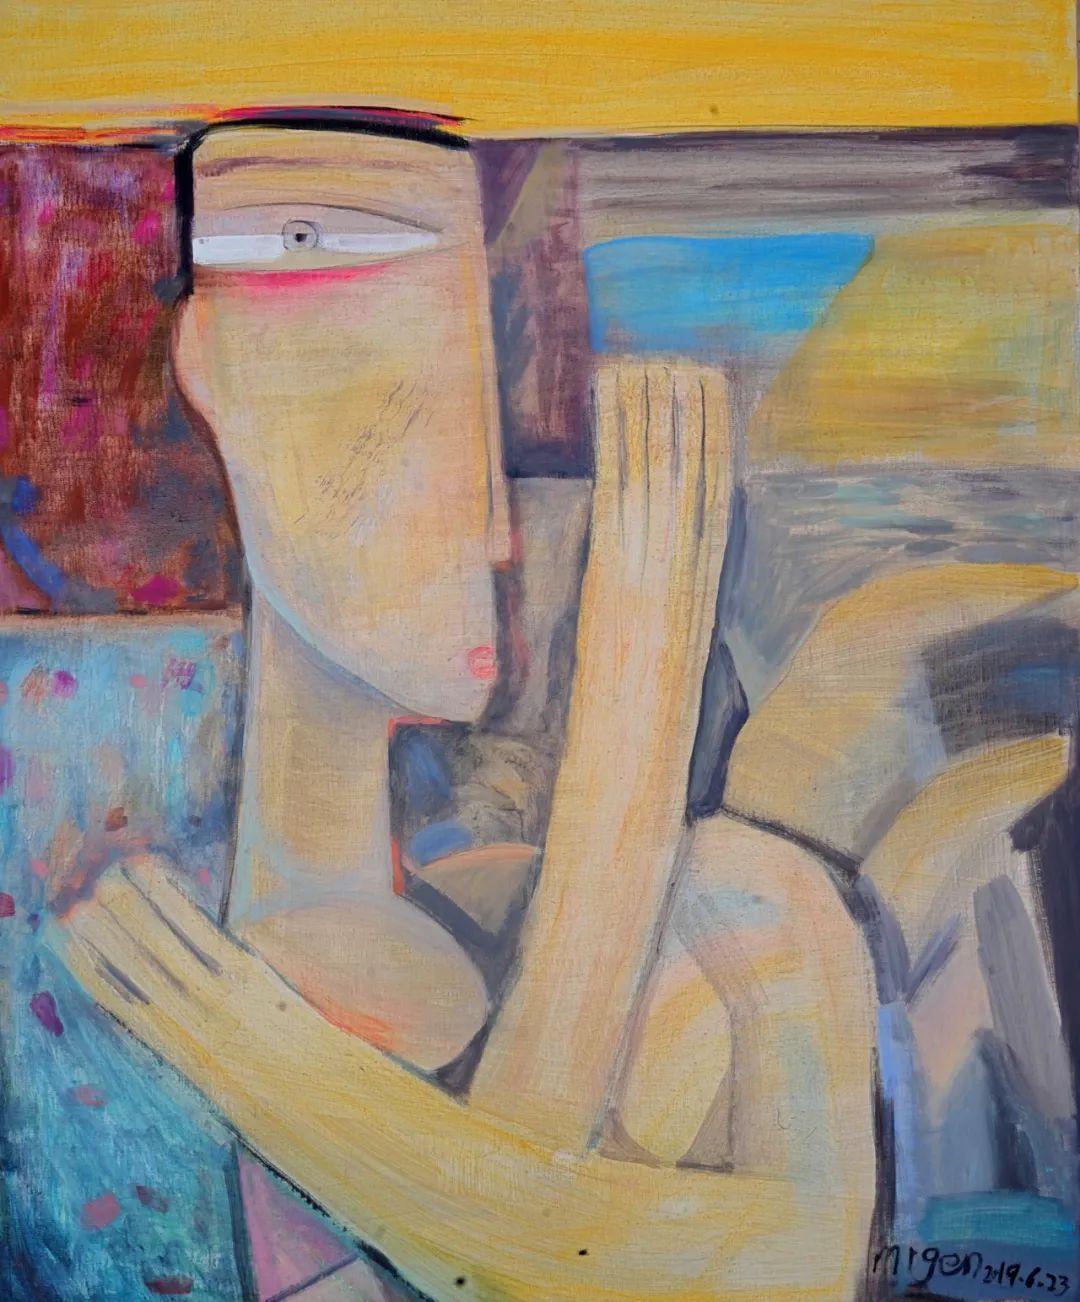 莫日根   用绘画寻找灵魂栖居之所 第18张 莫日根   用绘画寻找灵魂栖居之所 蒙古画廊